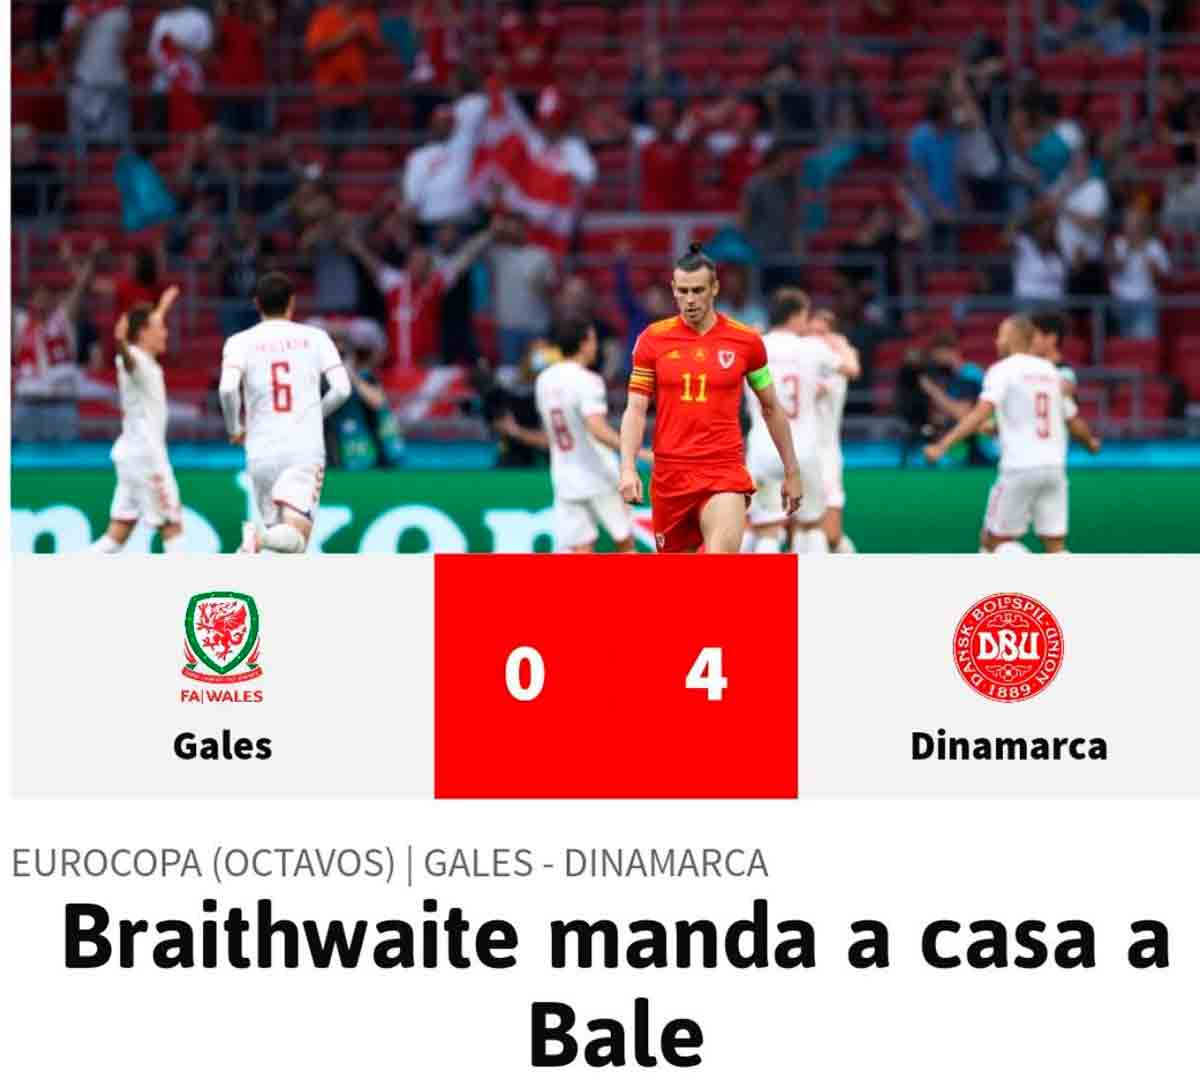 Braithwaite Bale